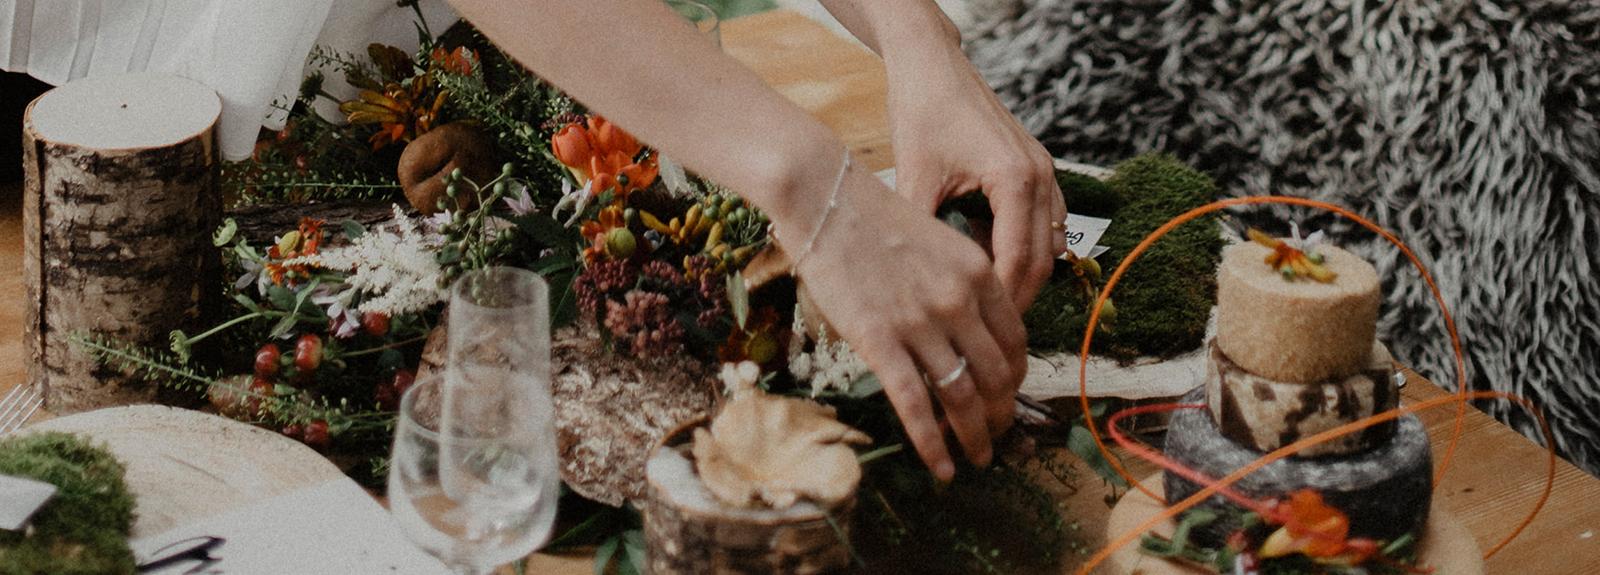 Heiraten in Südtirol - Liebe zum Detail